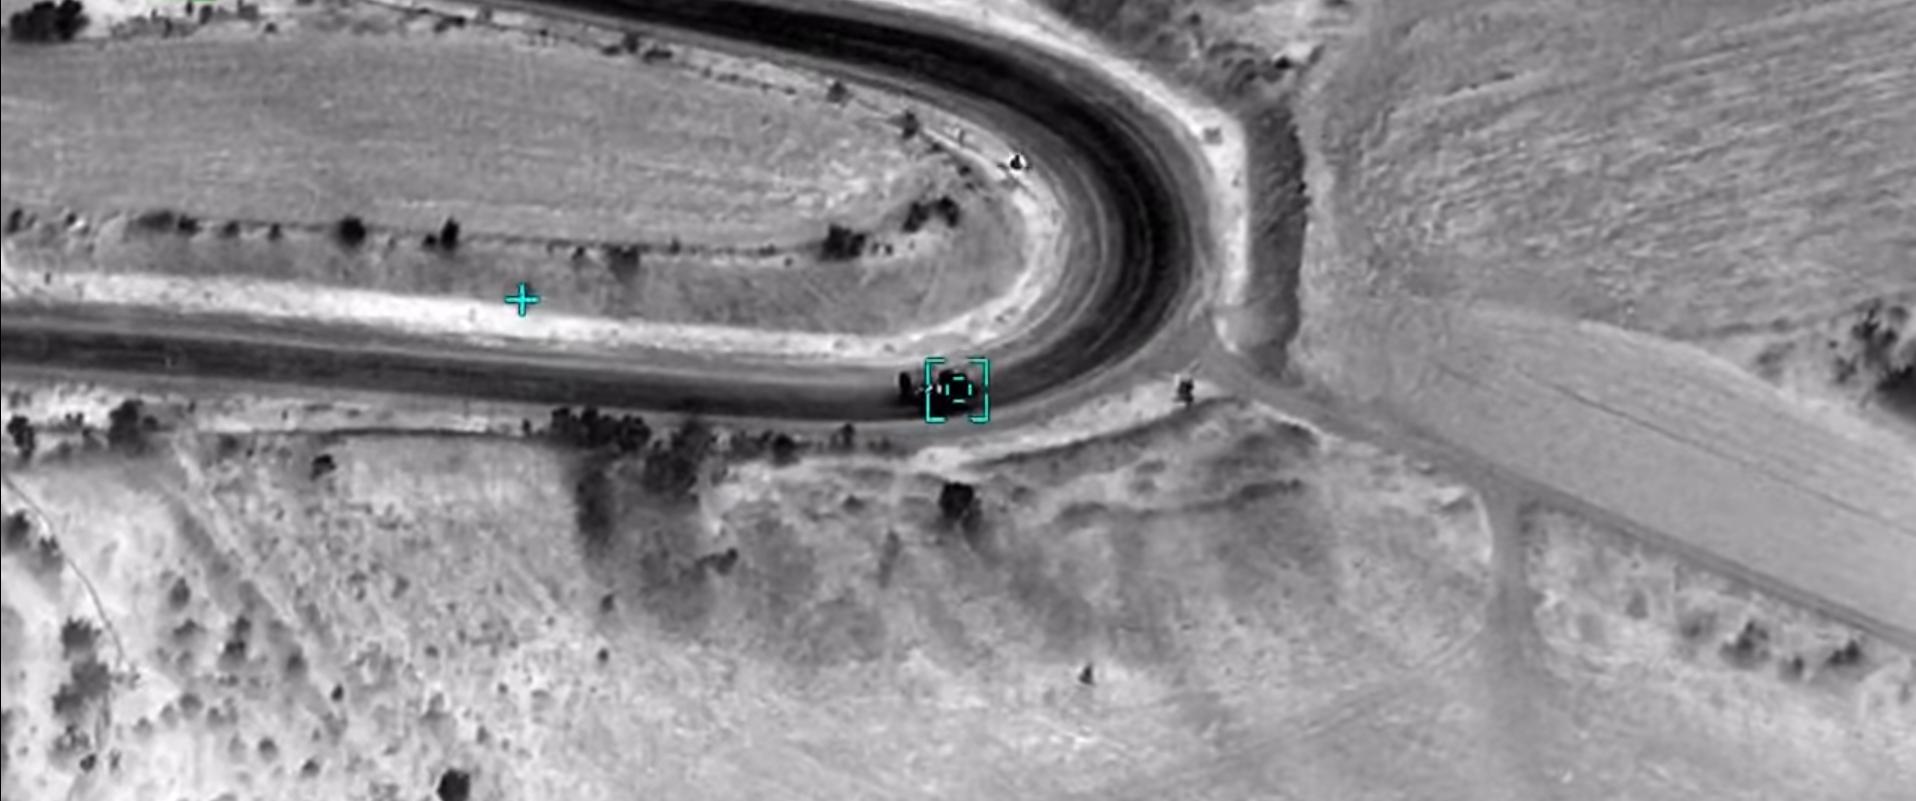 БПЛА Азербайджана громят технику Армении в Карабахе - кадры облетели Сеть